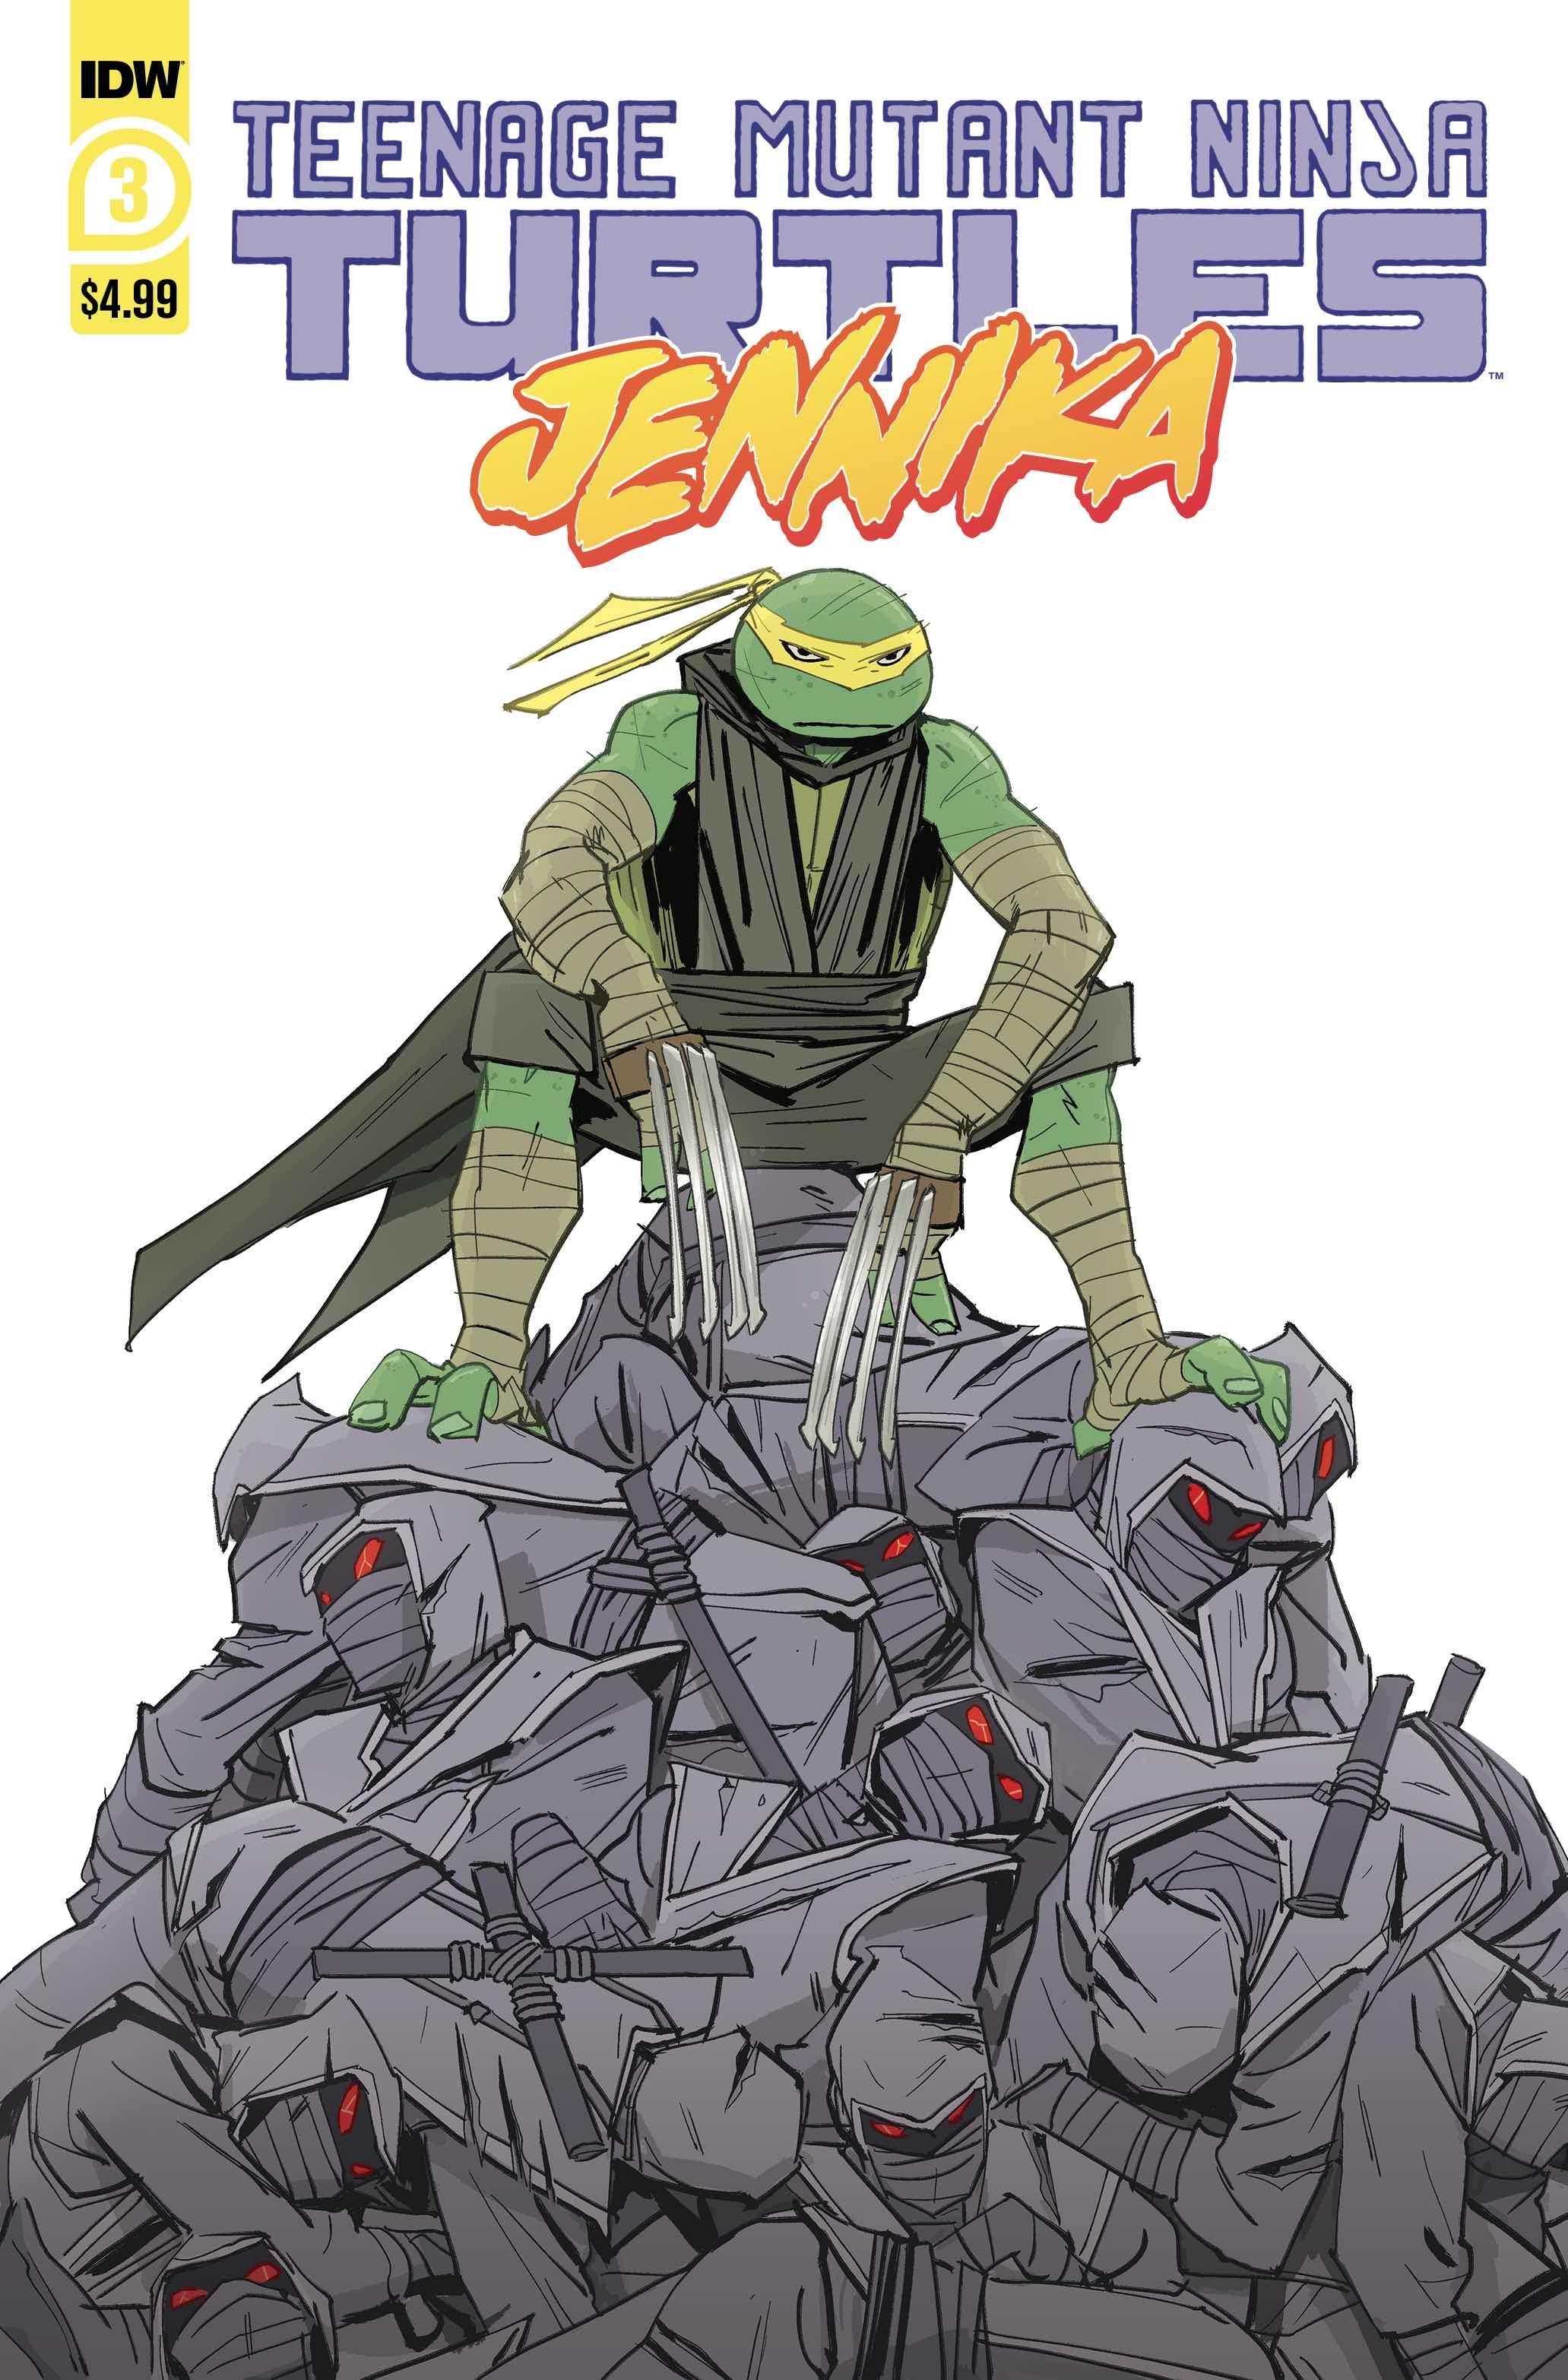 Teenage Mutant Ninja Turtles Staffel 3